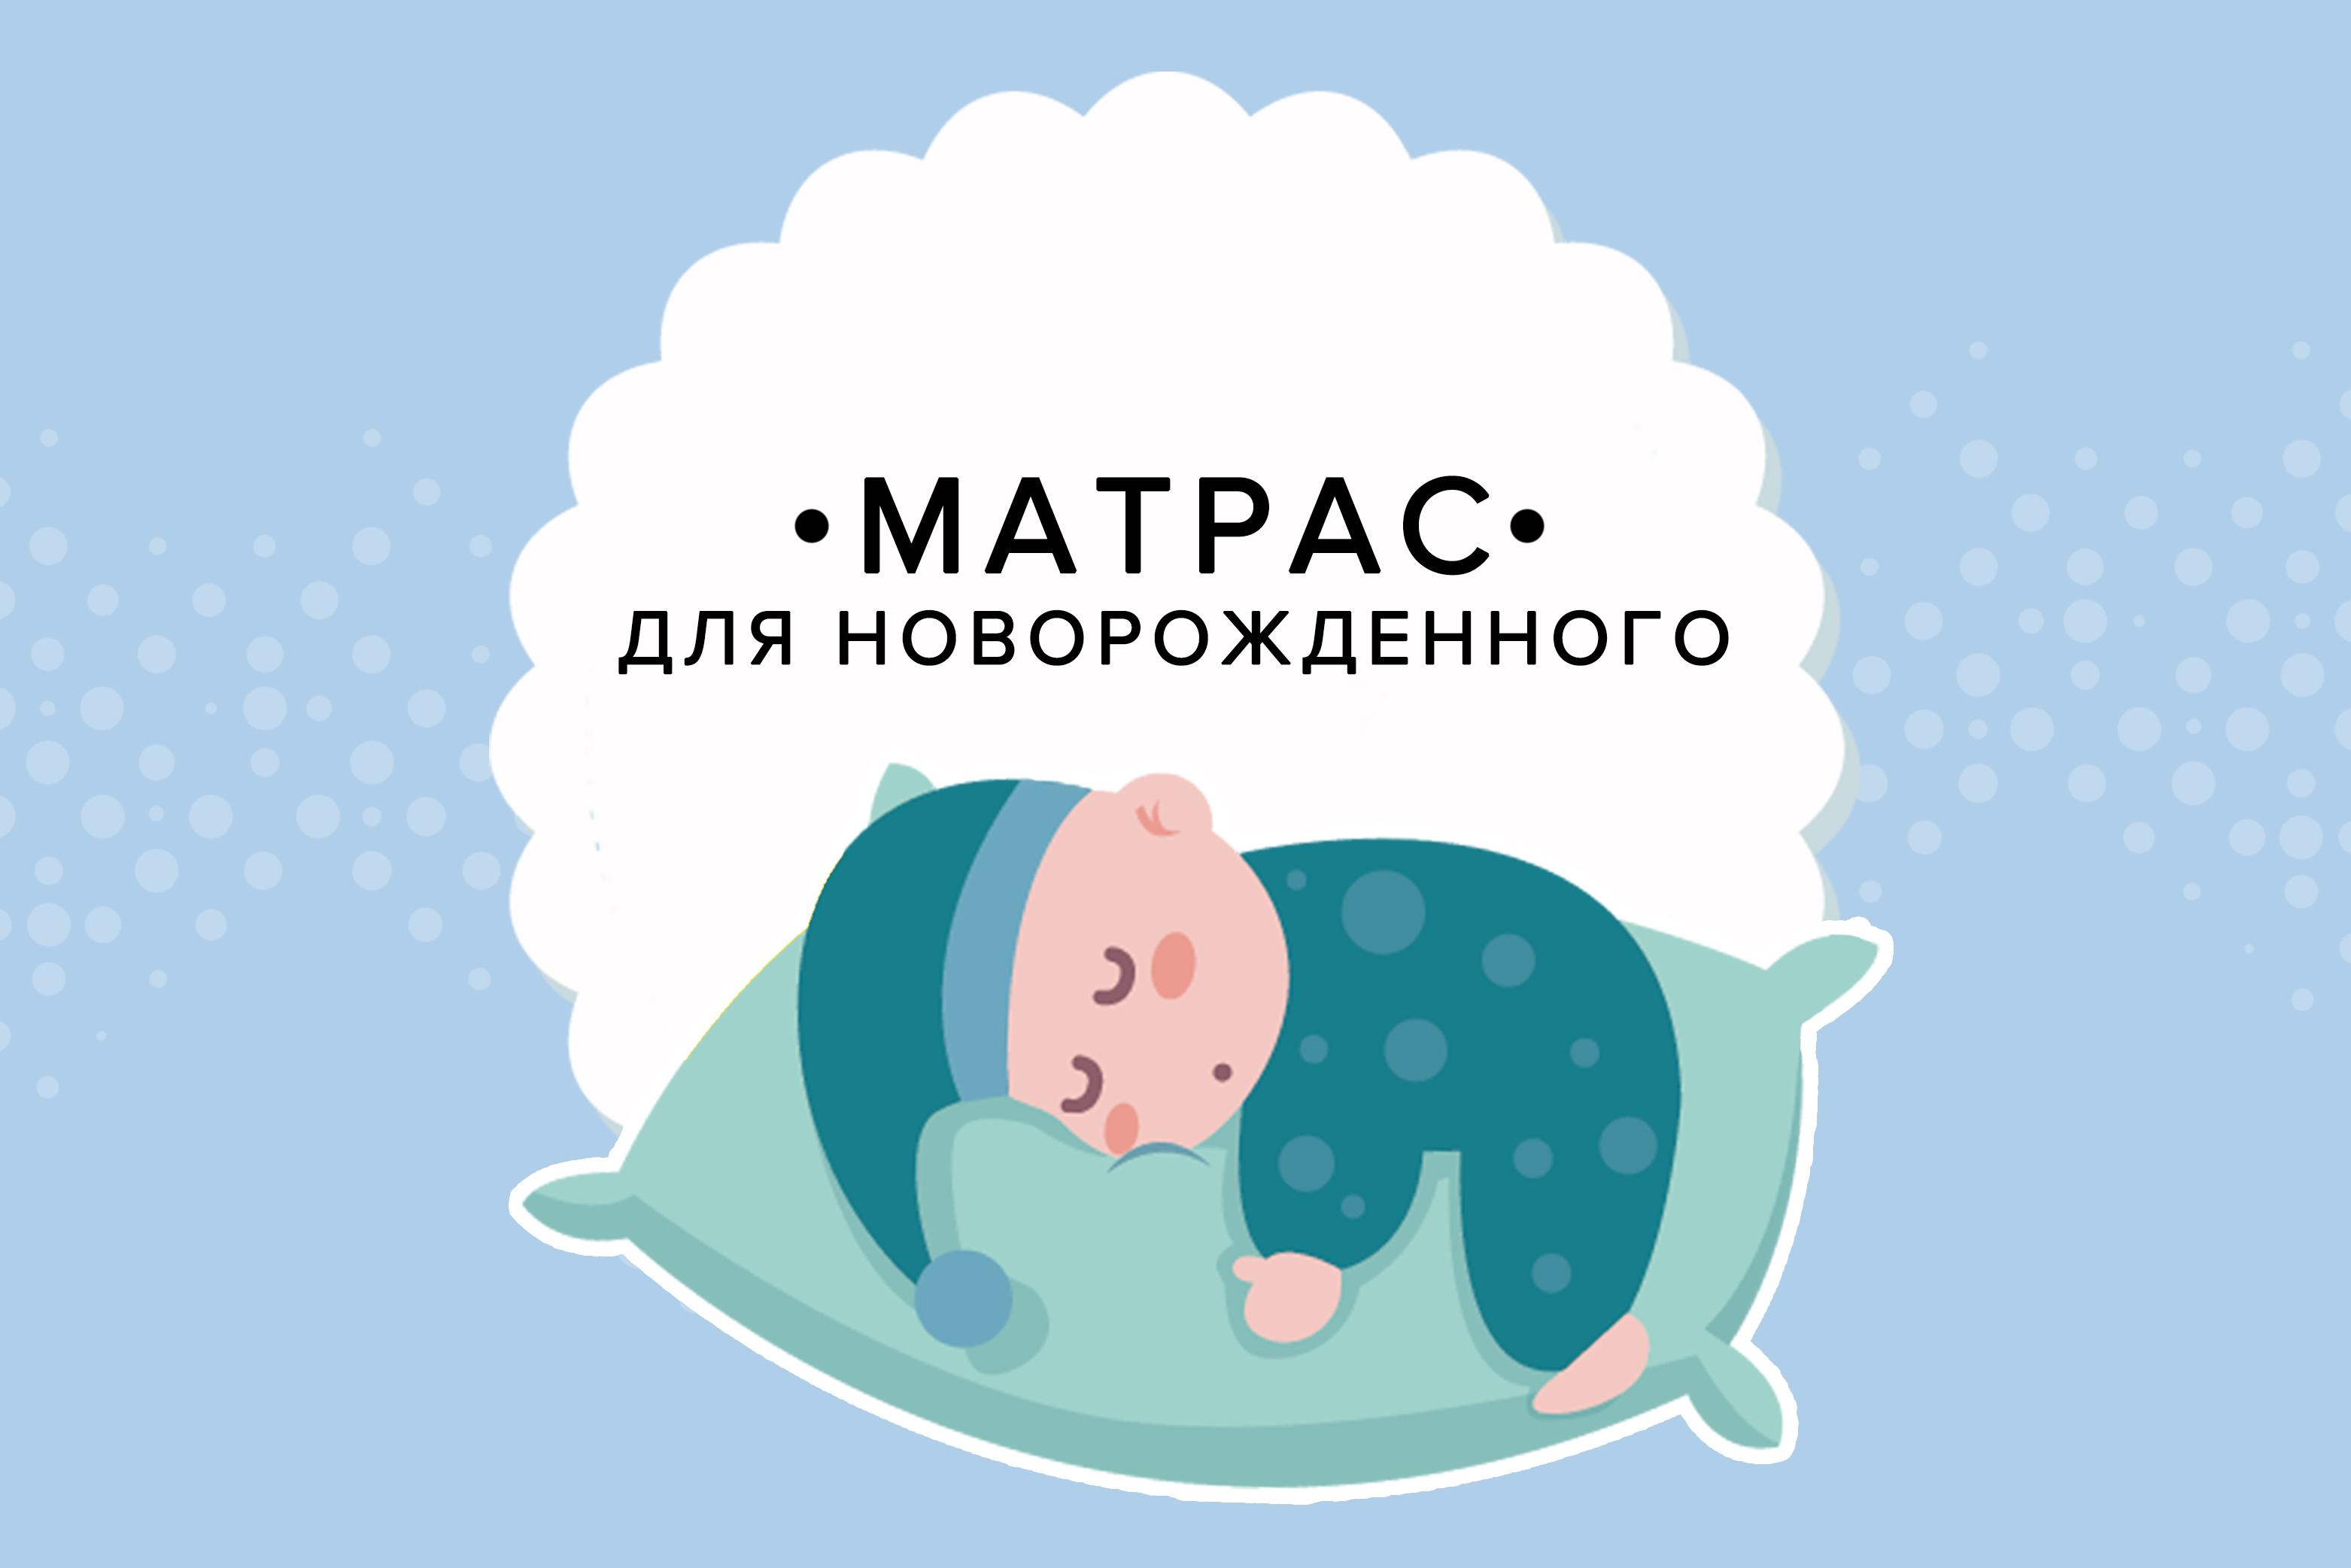 """Как и какой матрац выбрать для новорожденного в кроватку? — журнал """"рутвет"""""""